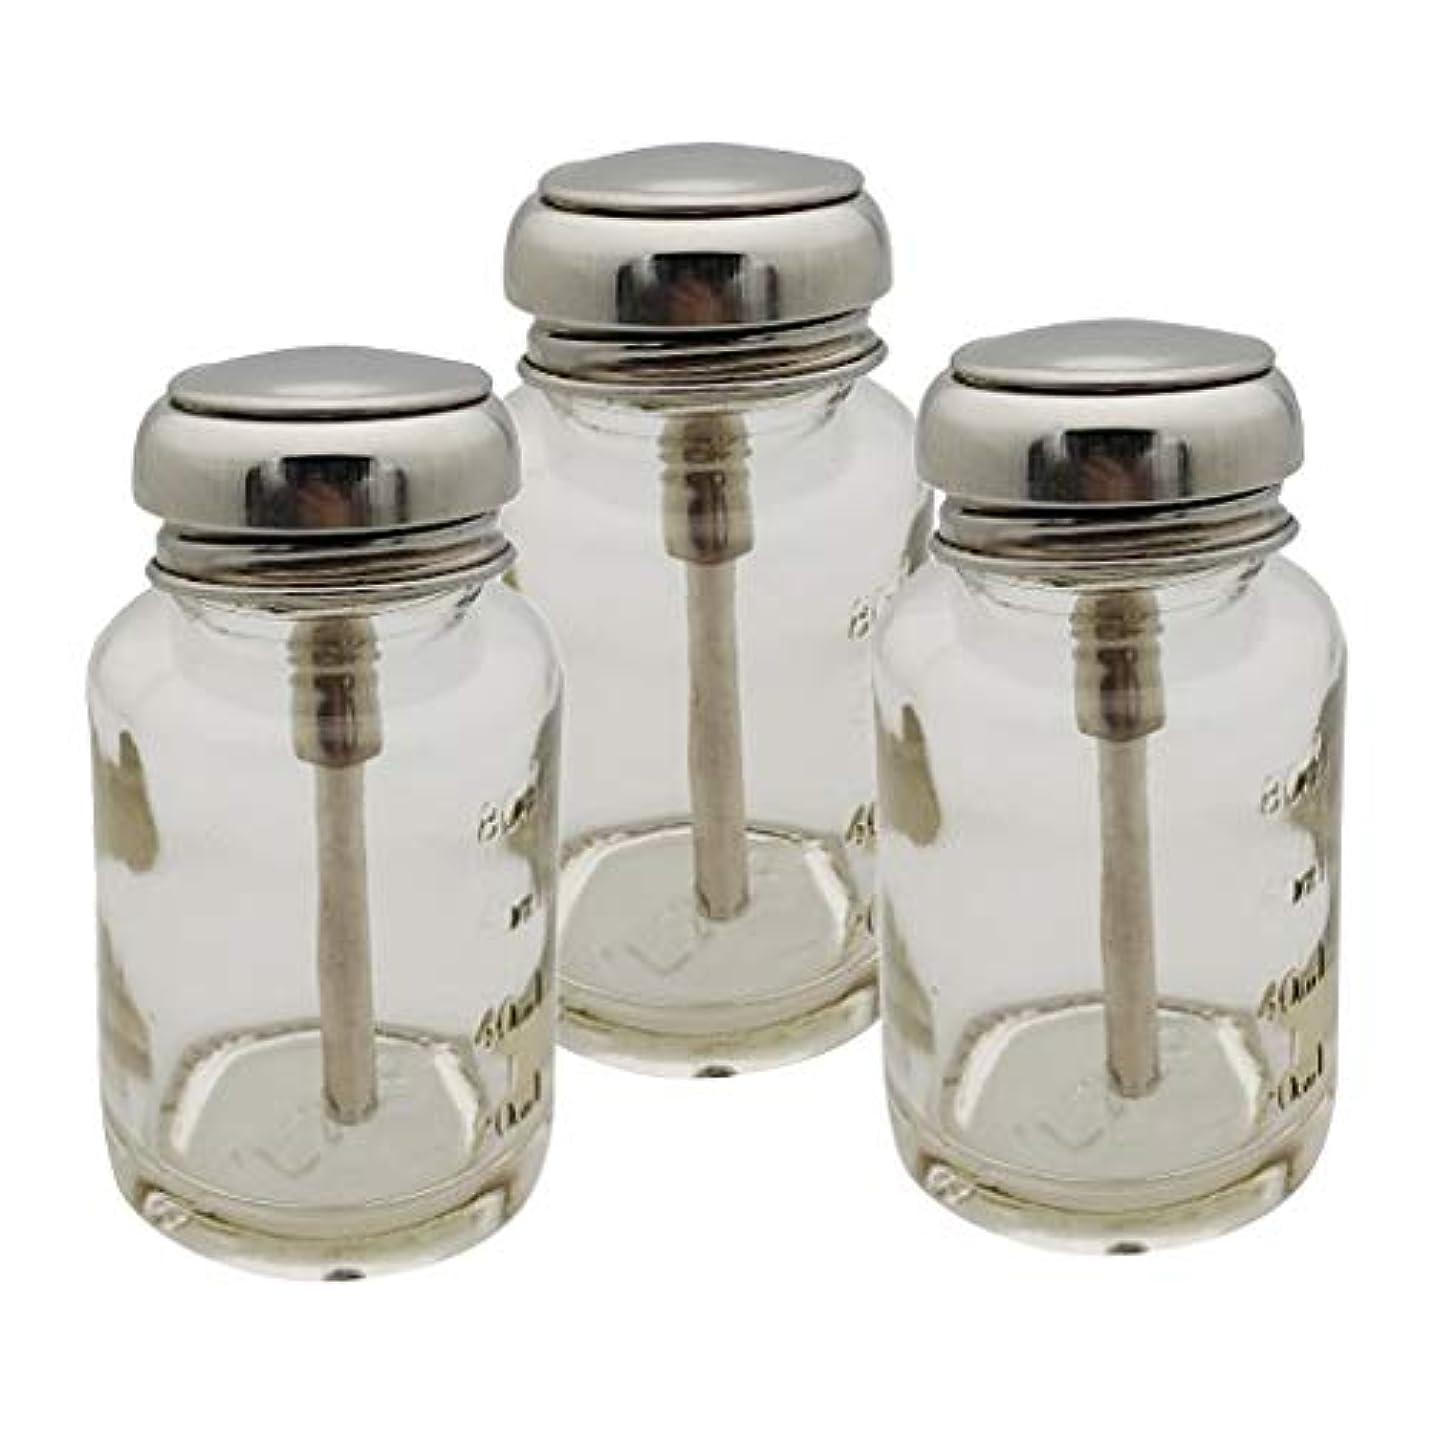 セブン推進力バッチDYNWAVE ネイルクリーナーボトル ポンプボトル 容器 ポンプディスペンサー ネイル 綿球 綿棒 ブラシ 使用 3個入り